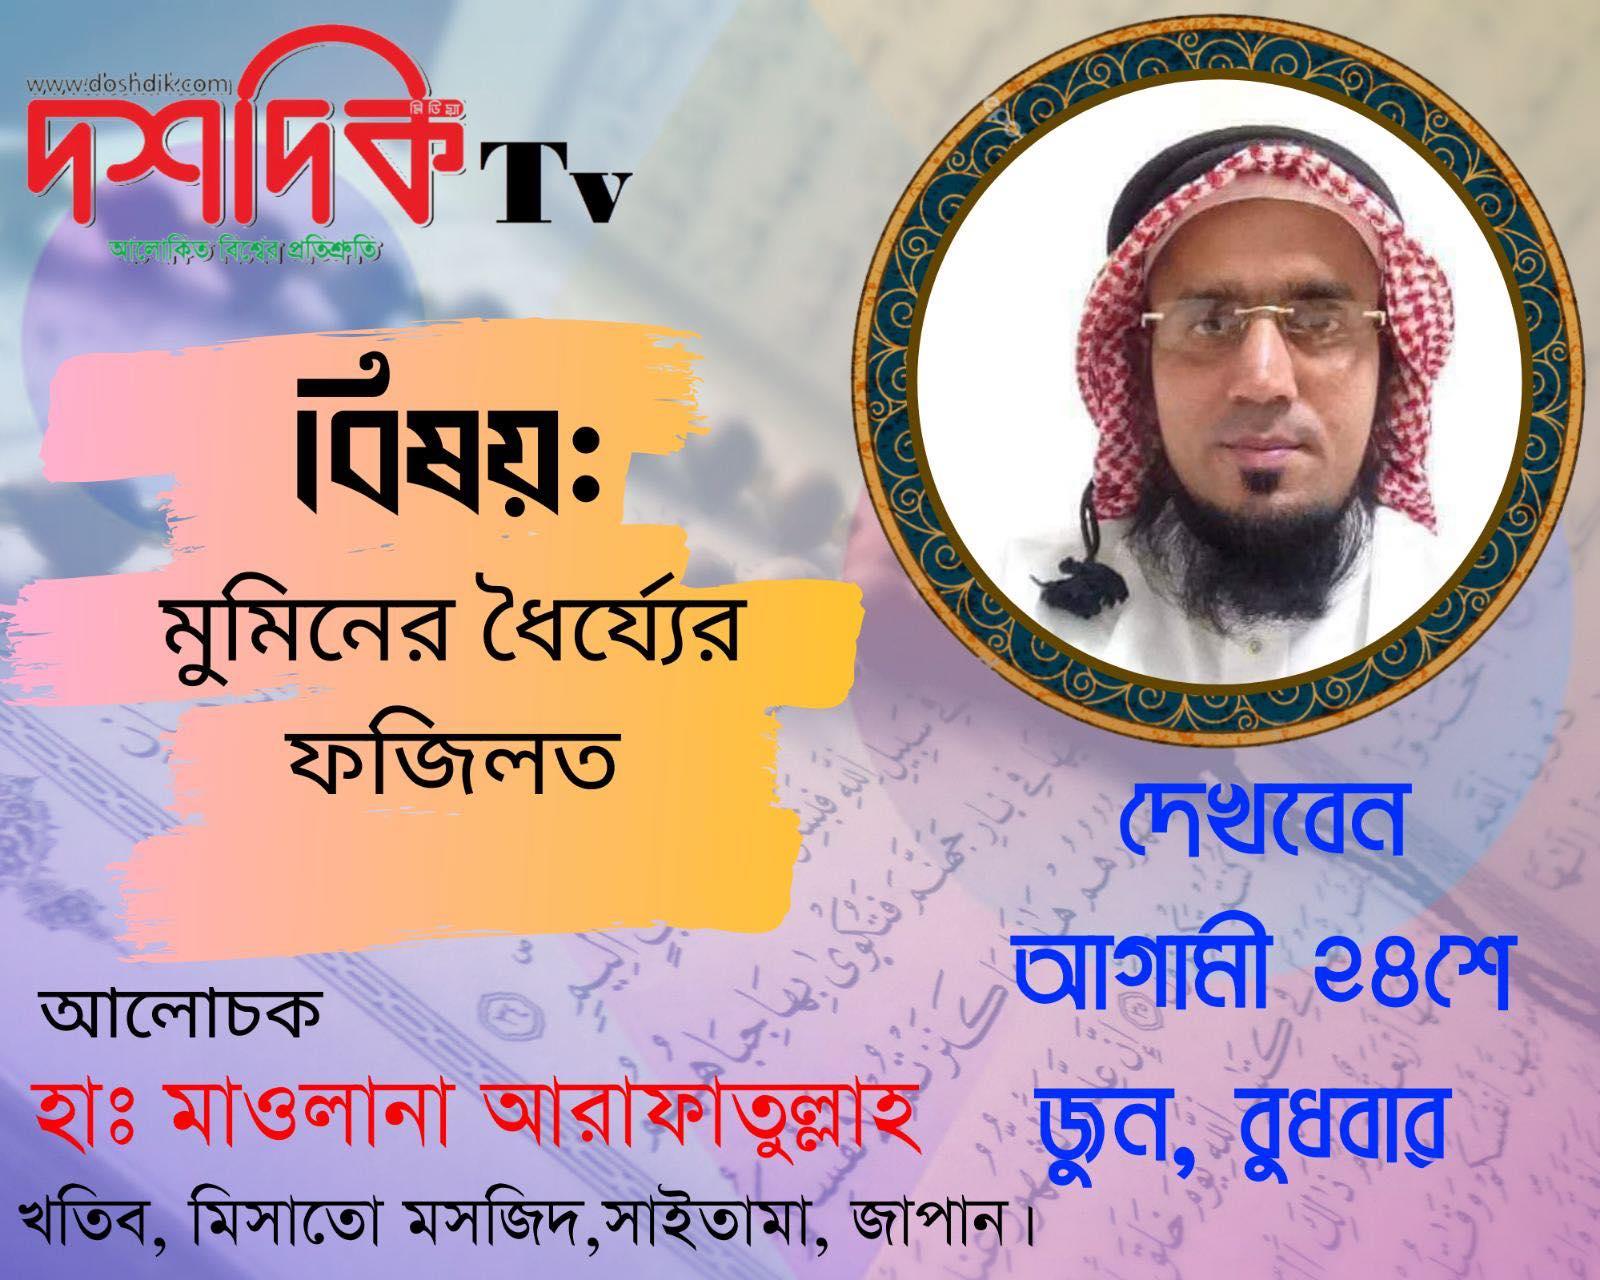 ইসলামী আলোচনা: মুমিনে ধৈর্যের ফজিলত   হা: মা: আরাফাতুল্লাহ Doshdik TV   Japan